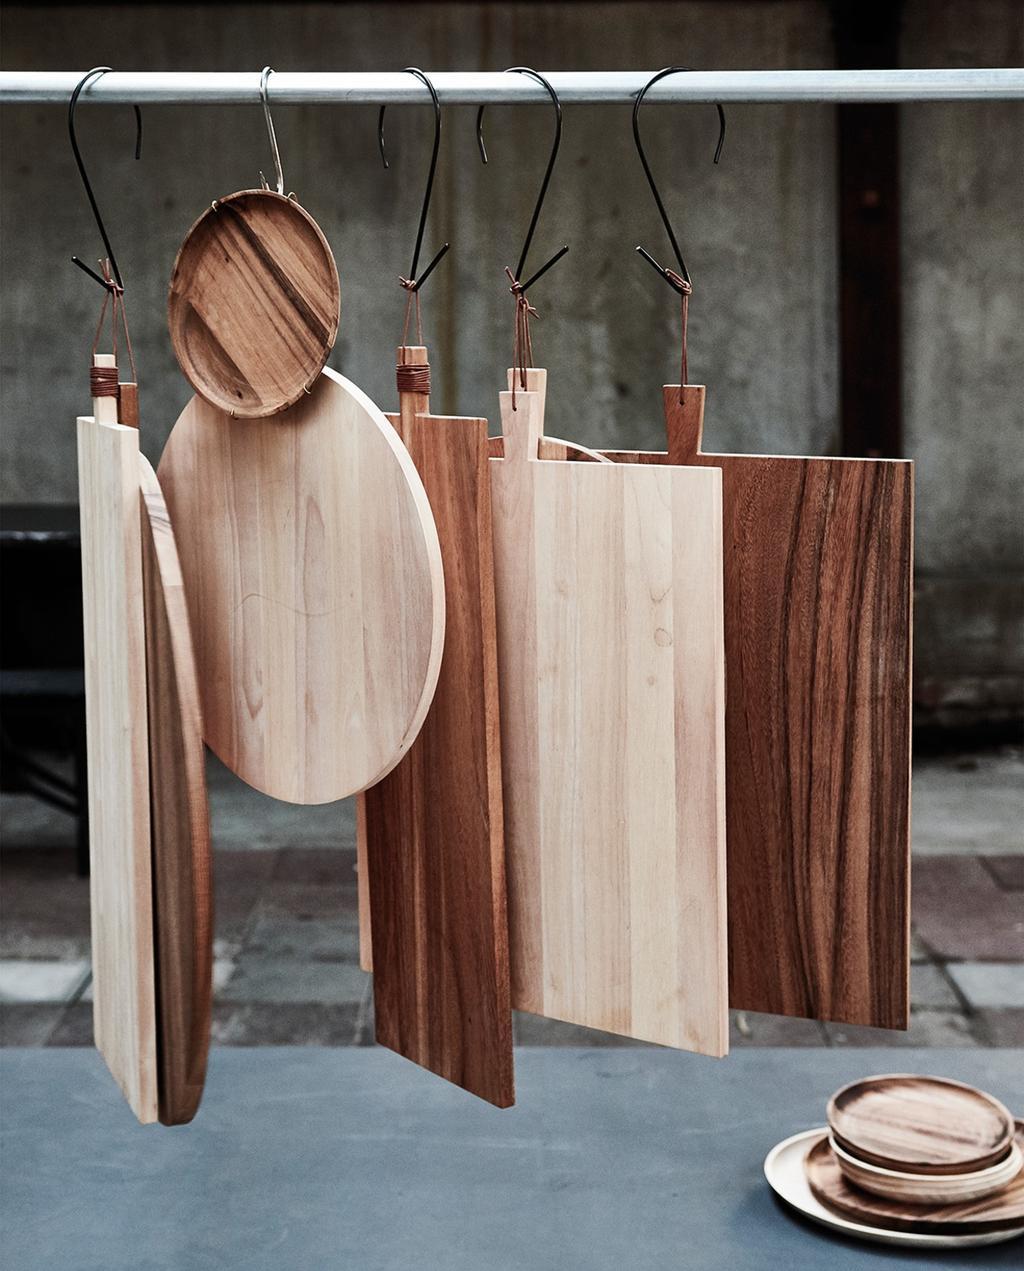 houten snijplank | snijplanken | borrelplanken | borrelplank samenstellen